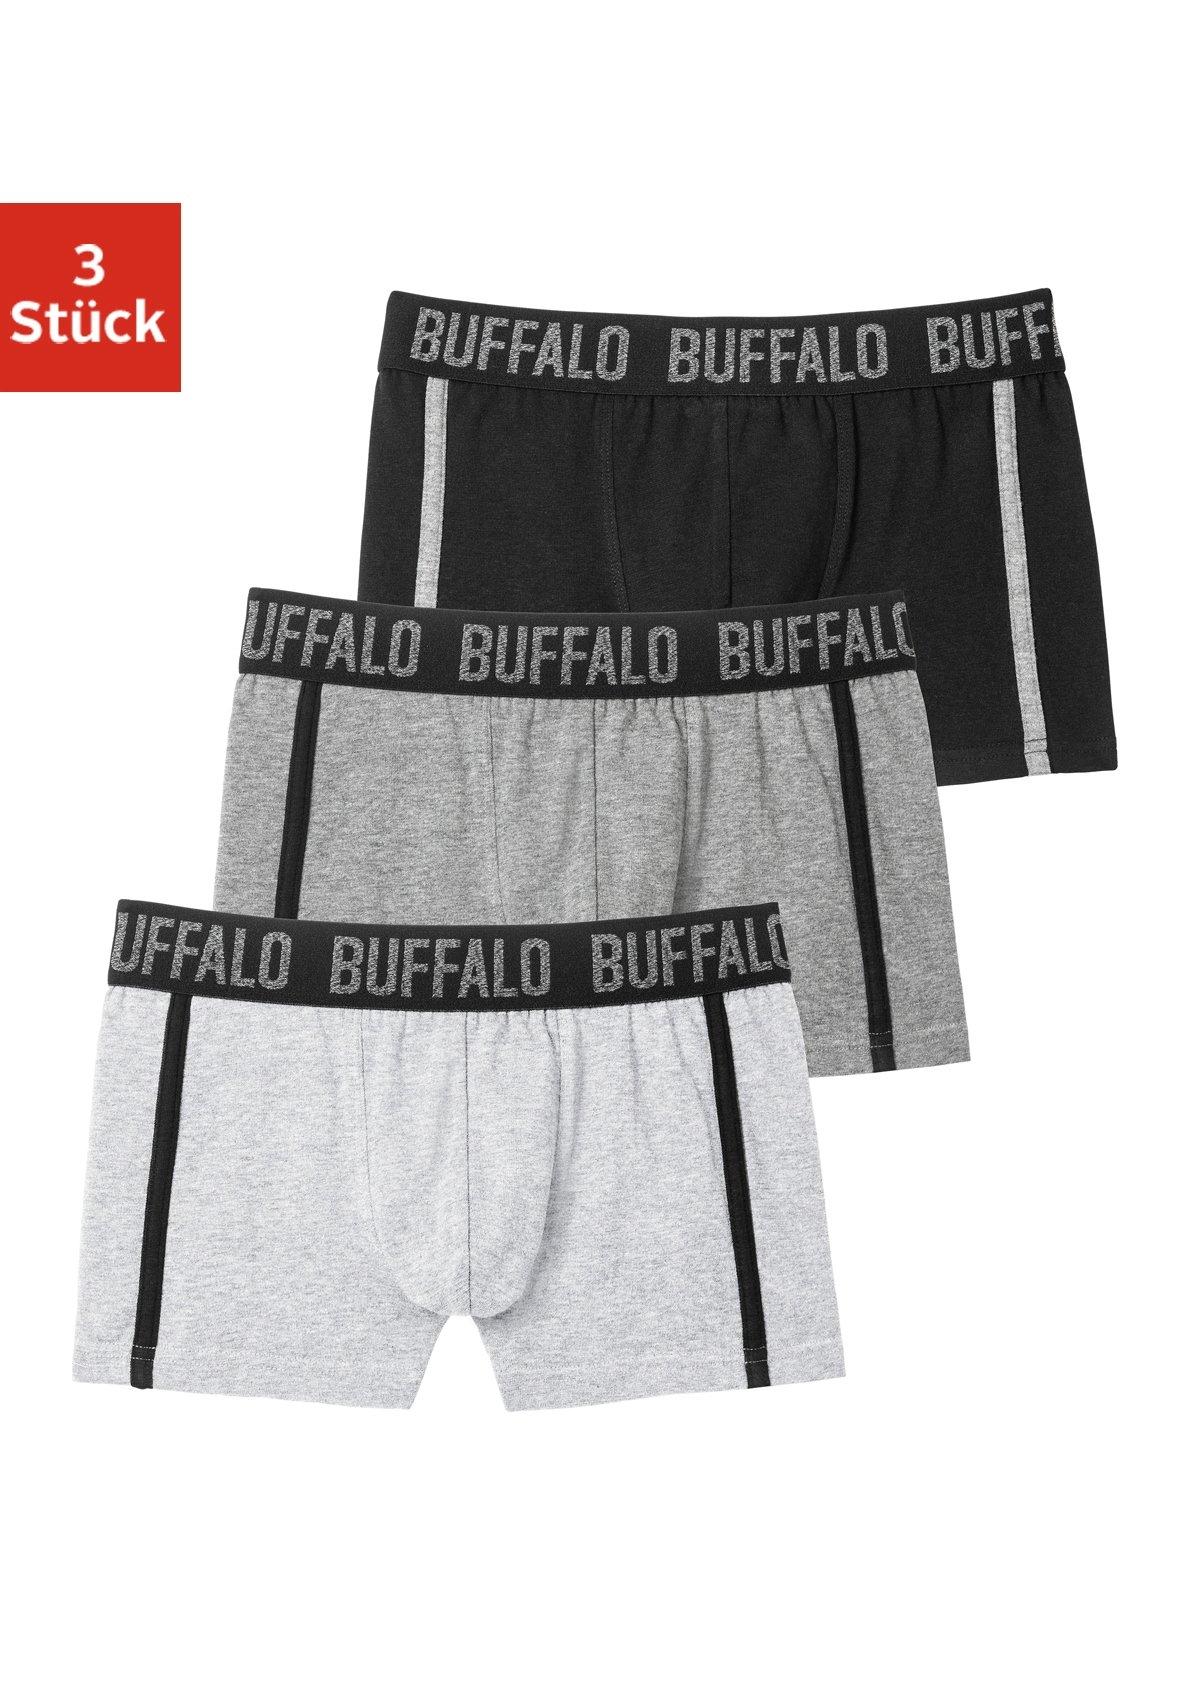 Buffalo boxershort met paspel opzij (3 stuks) bij OTTO online kopen